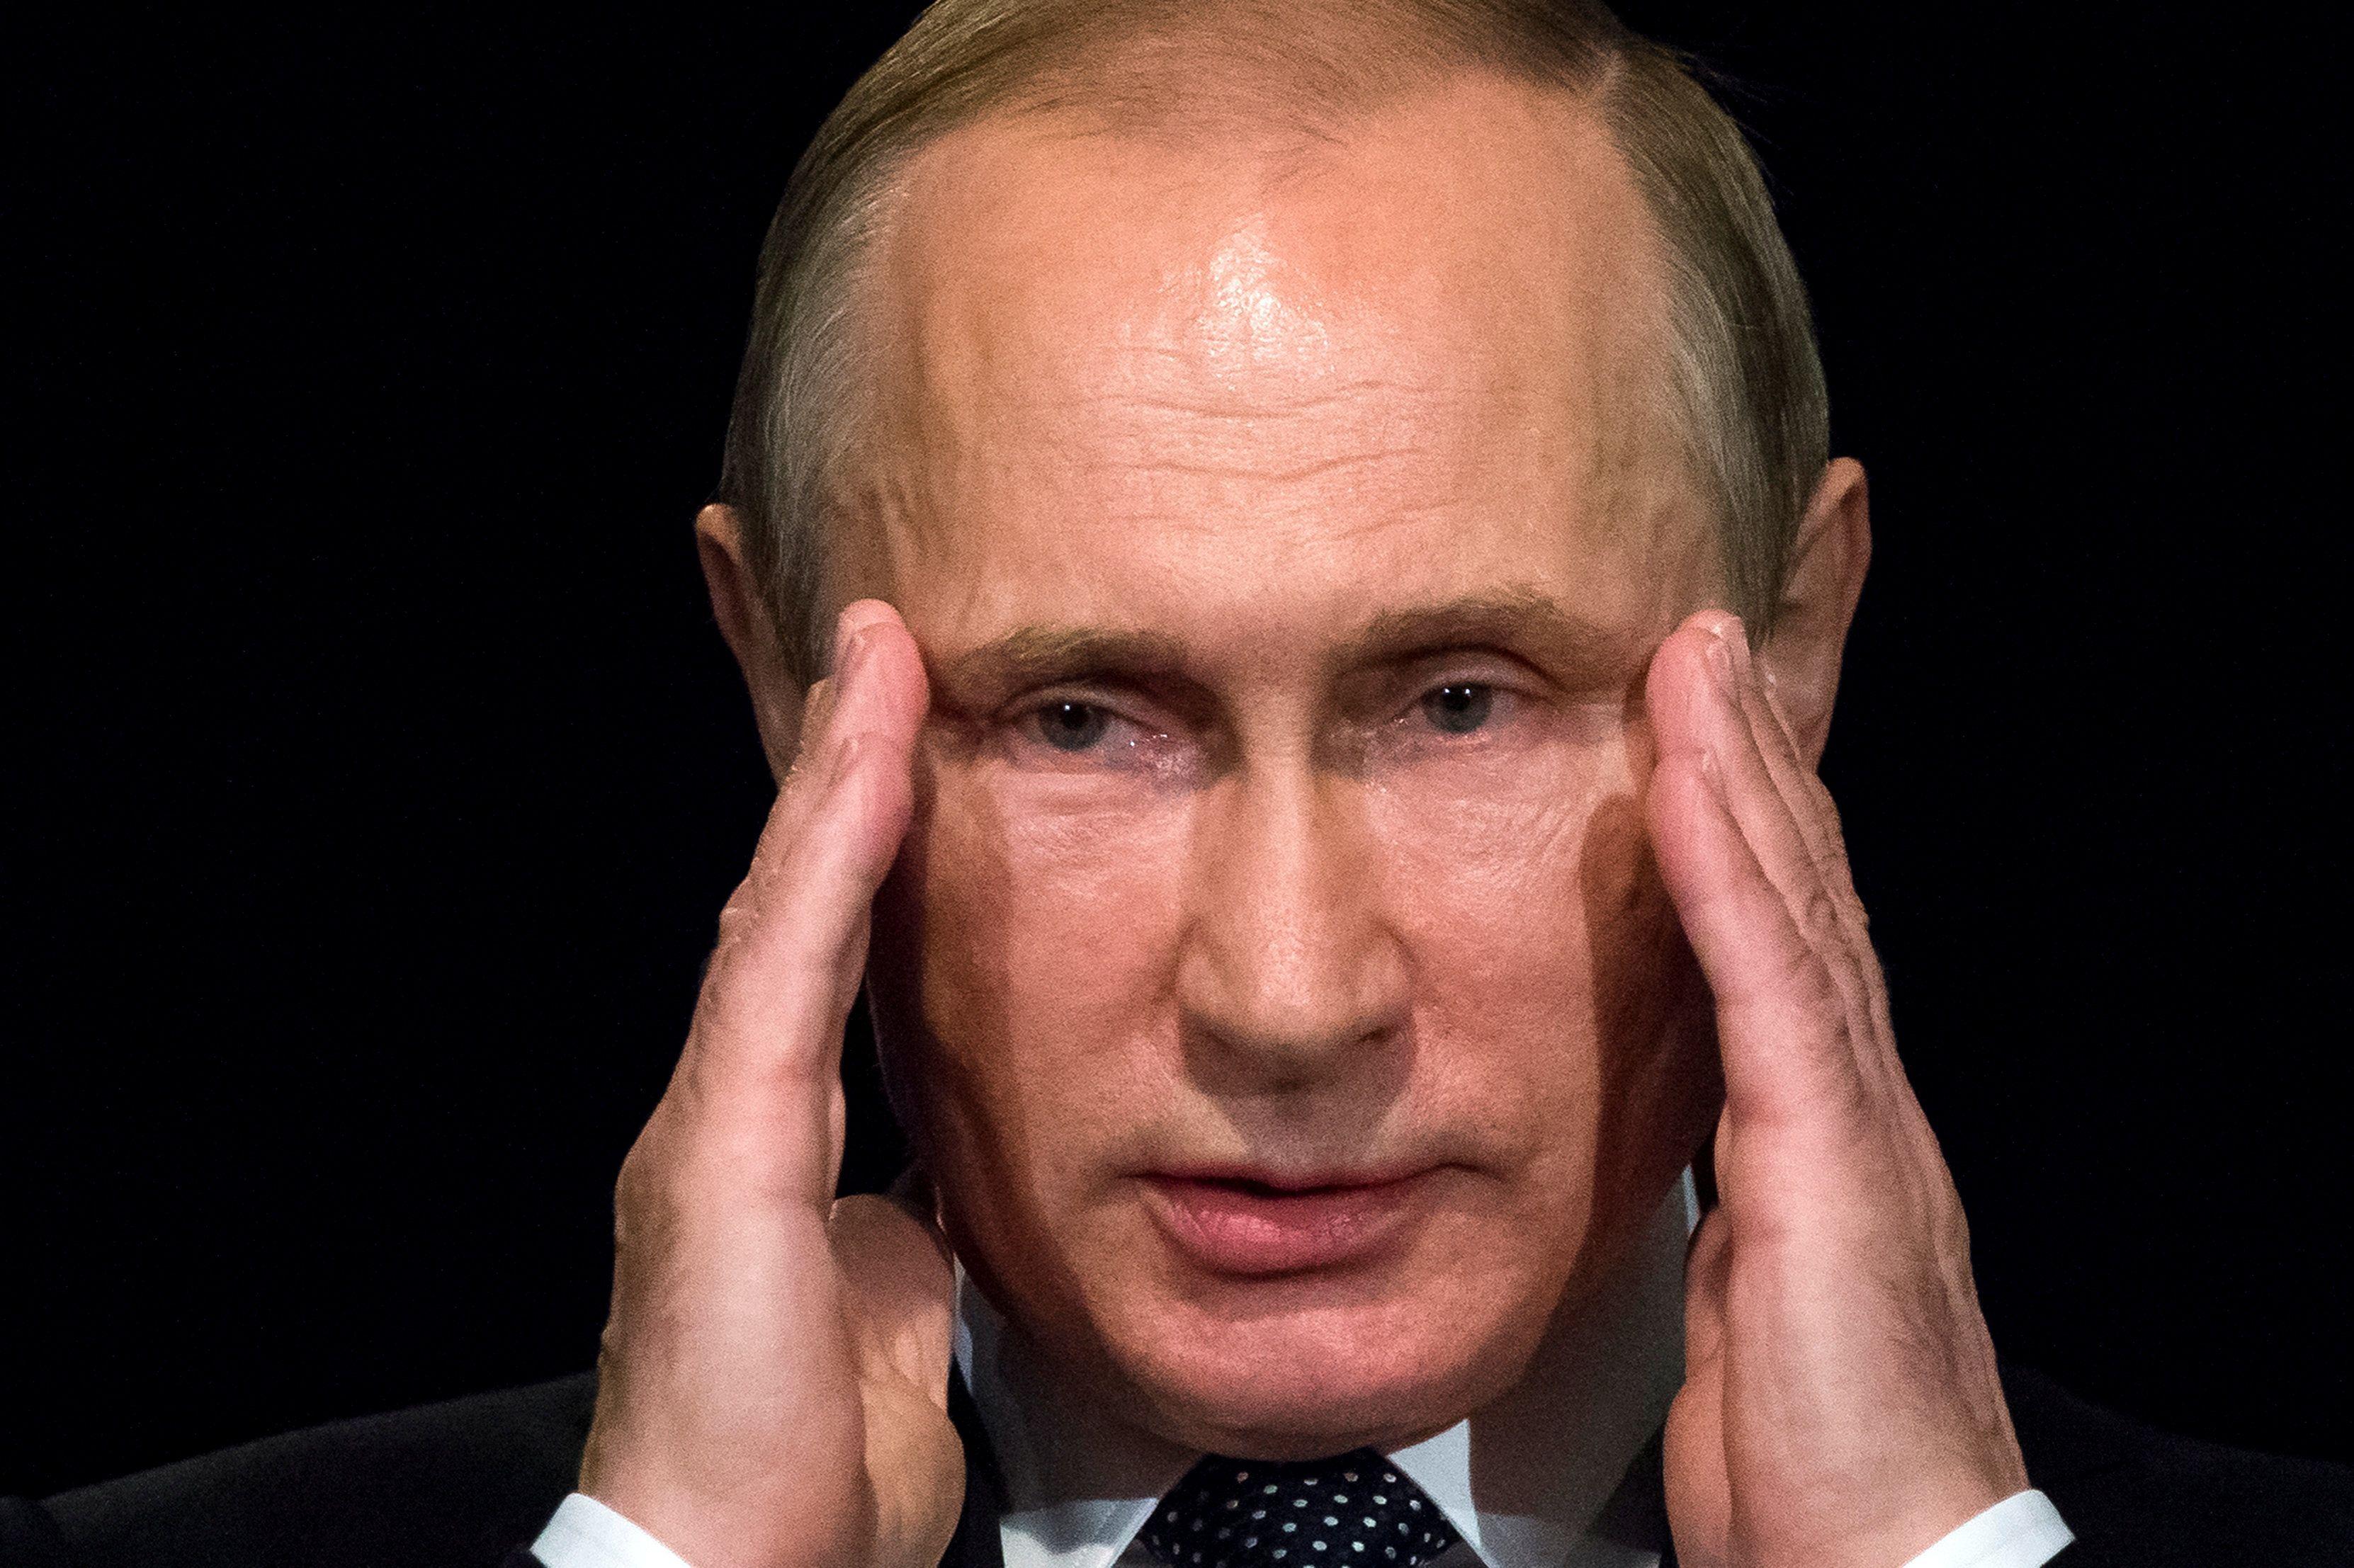 Путин входит в новую Холодную войну, пишет Эйдман